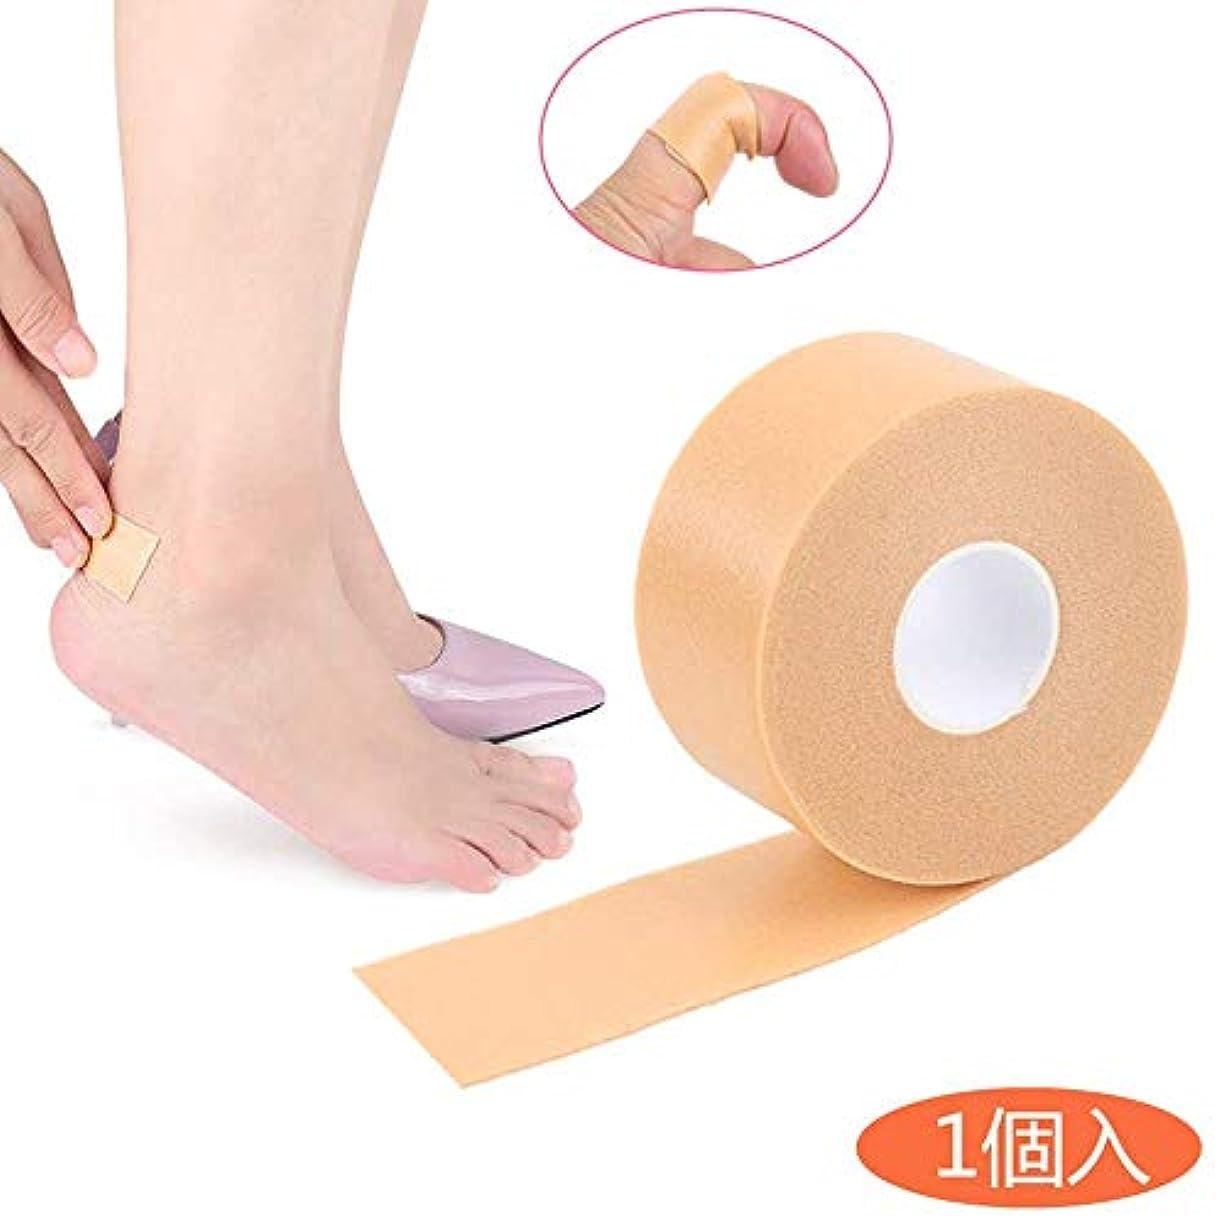 統計論争的スツール[HonLena] 靴擦れ防止テープ ケアリーブ くつずれ防止 パッド 粘着 4.5m 肌色